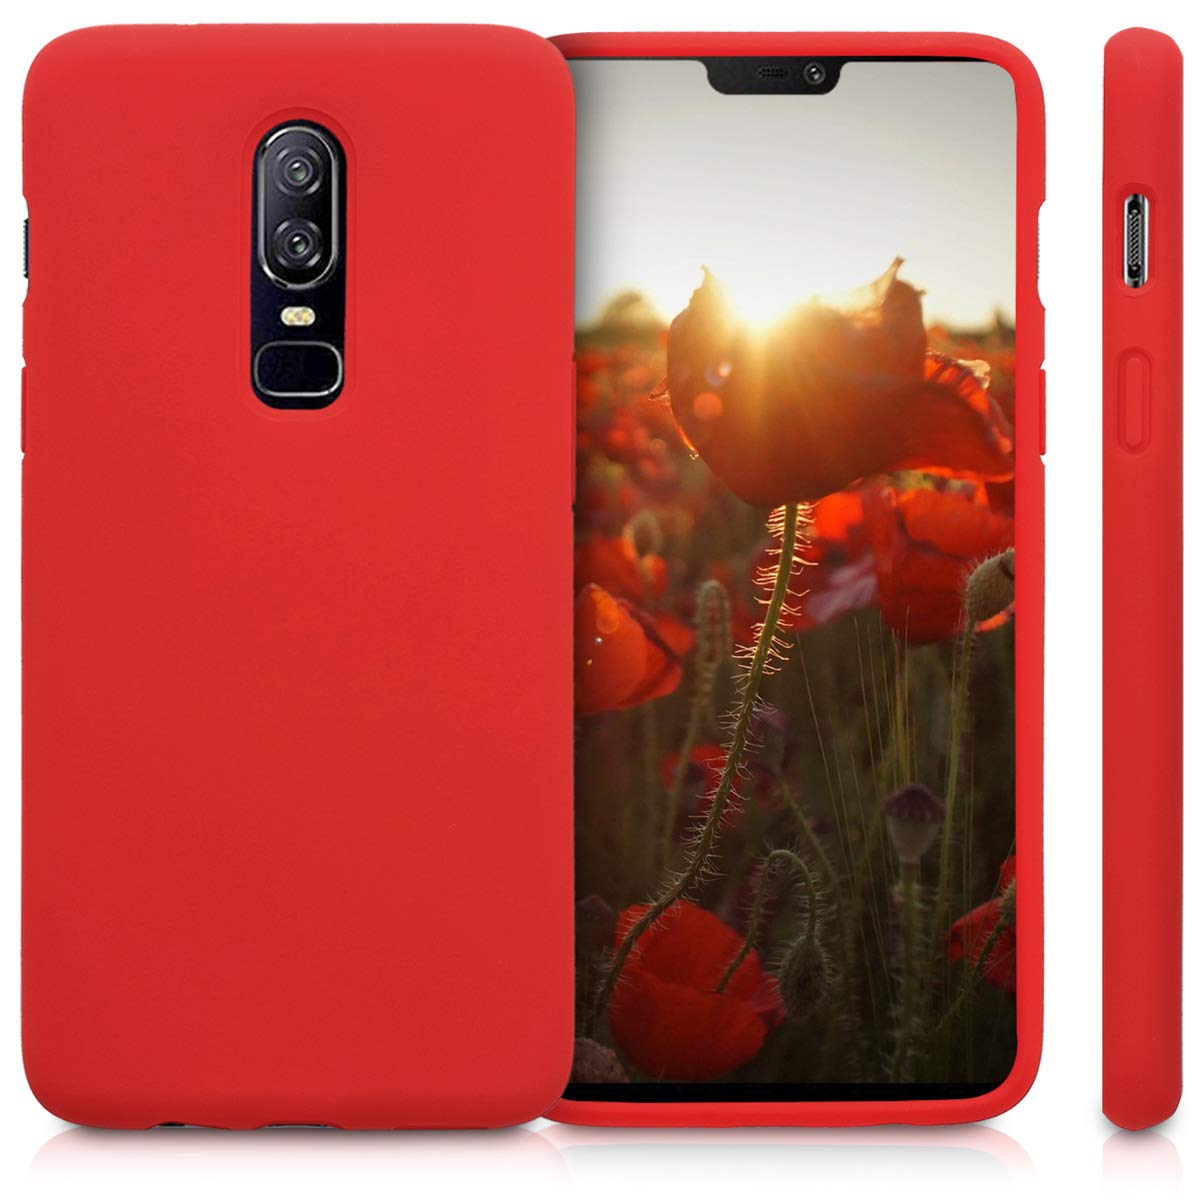 Carcasa de TPU para m/óvil Cover Trasero en Coral ne/ón kwmobile Funda Compatible con OnePlus 6T